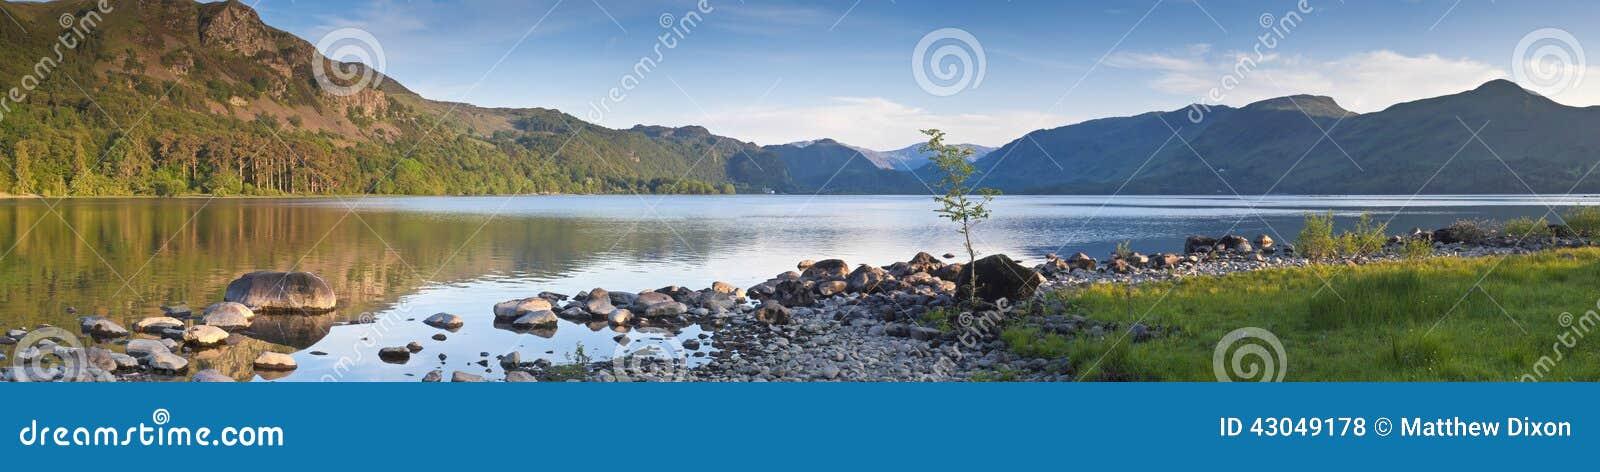 Natureza refletida, distrito do lago, Reino Unido